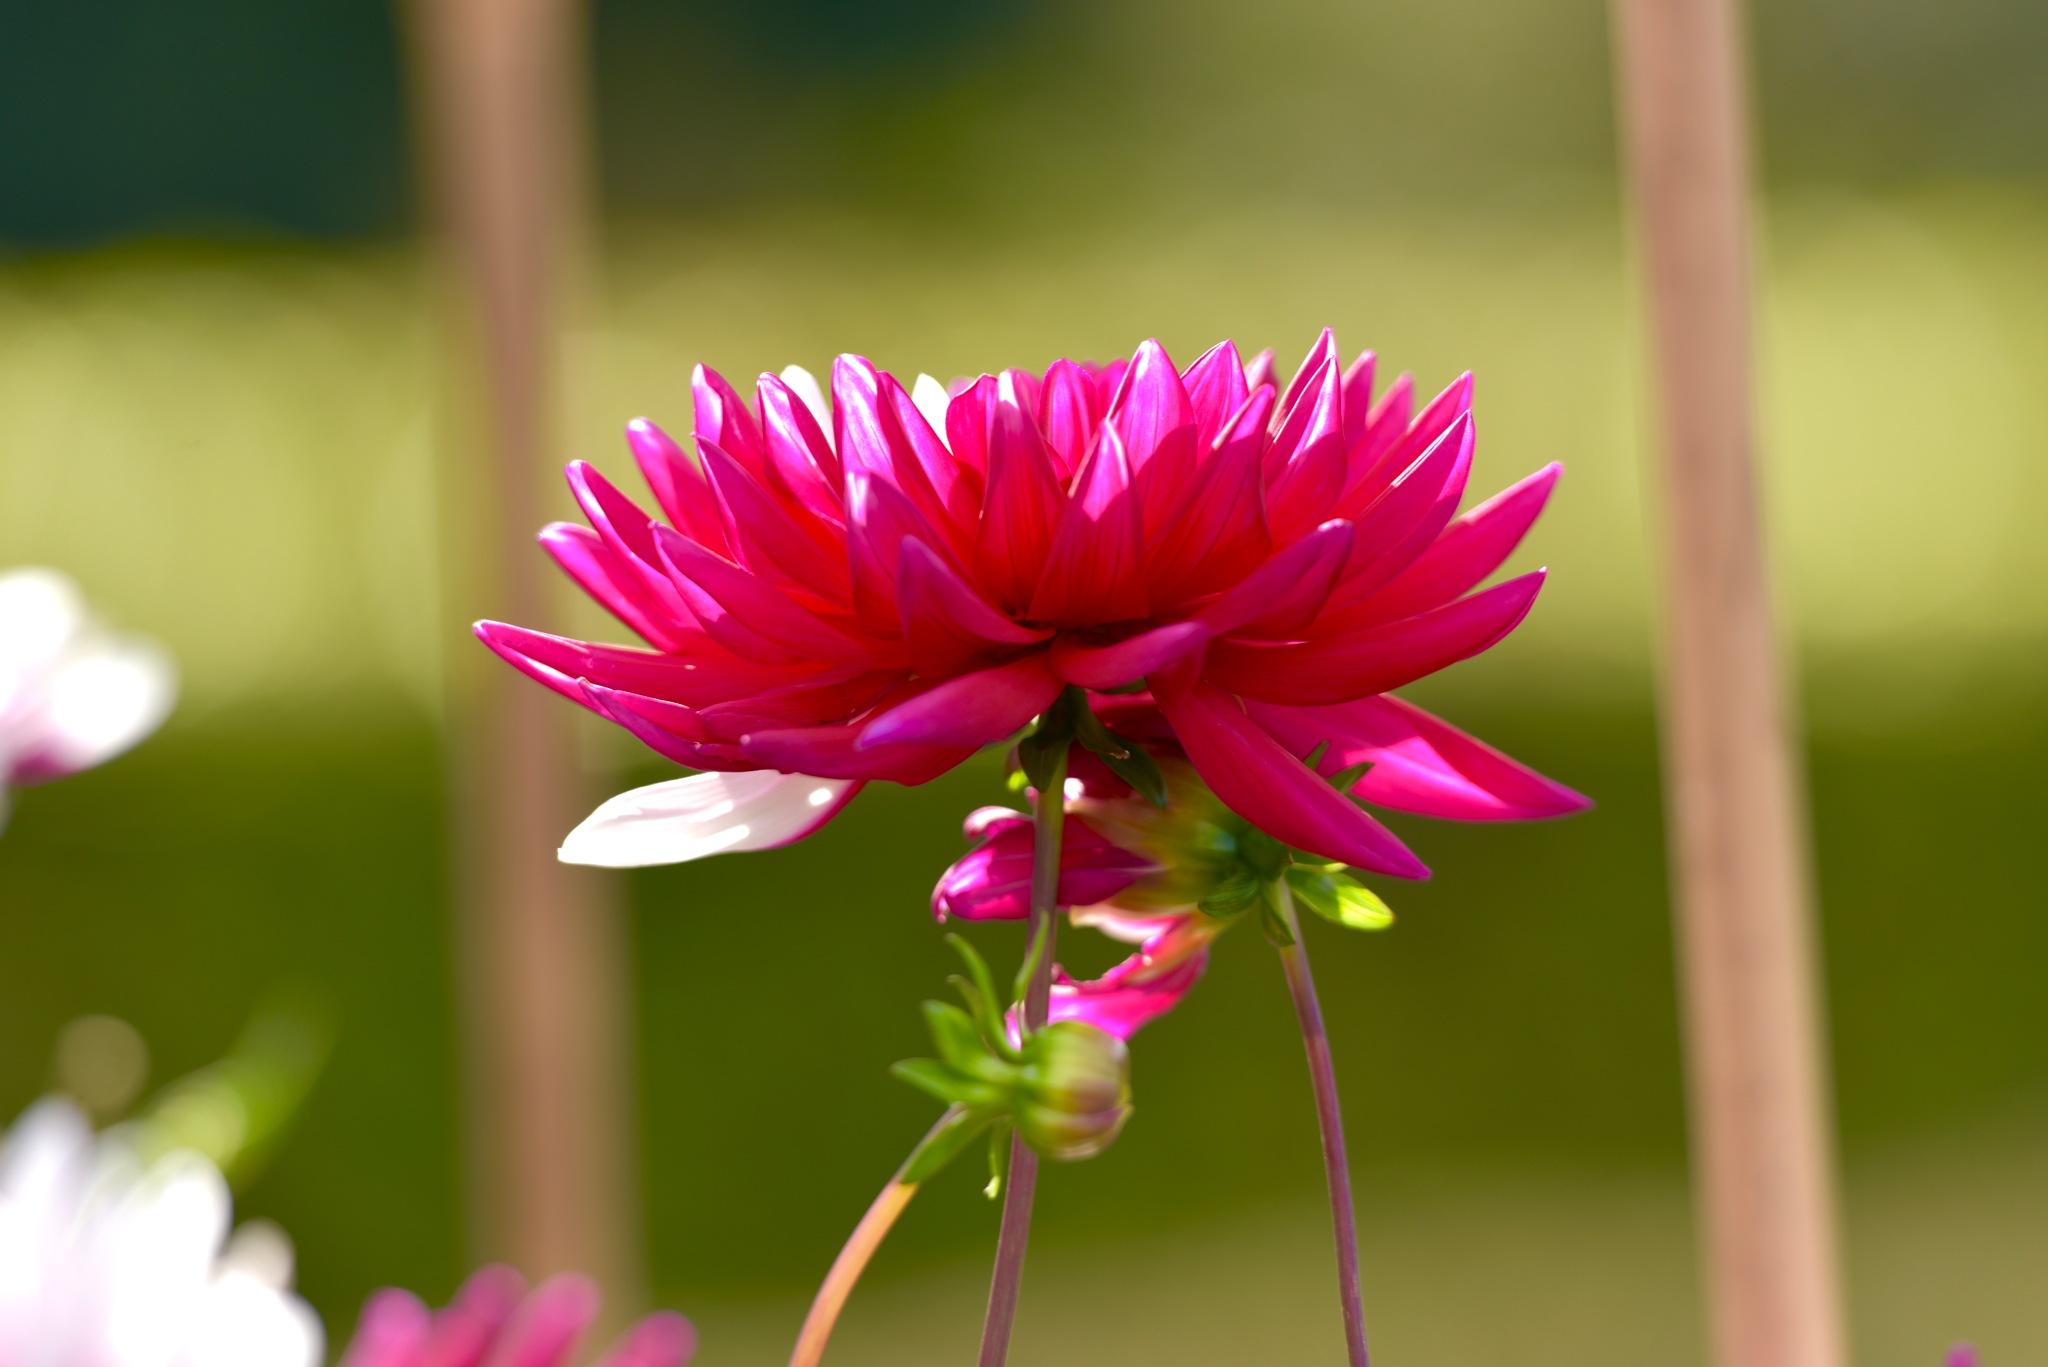 Flowers 7722! by Memed Bayatli